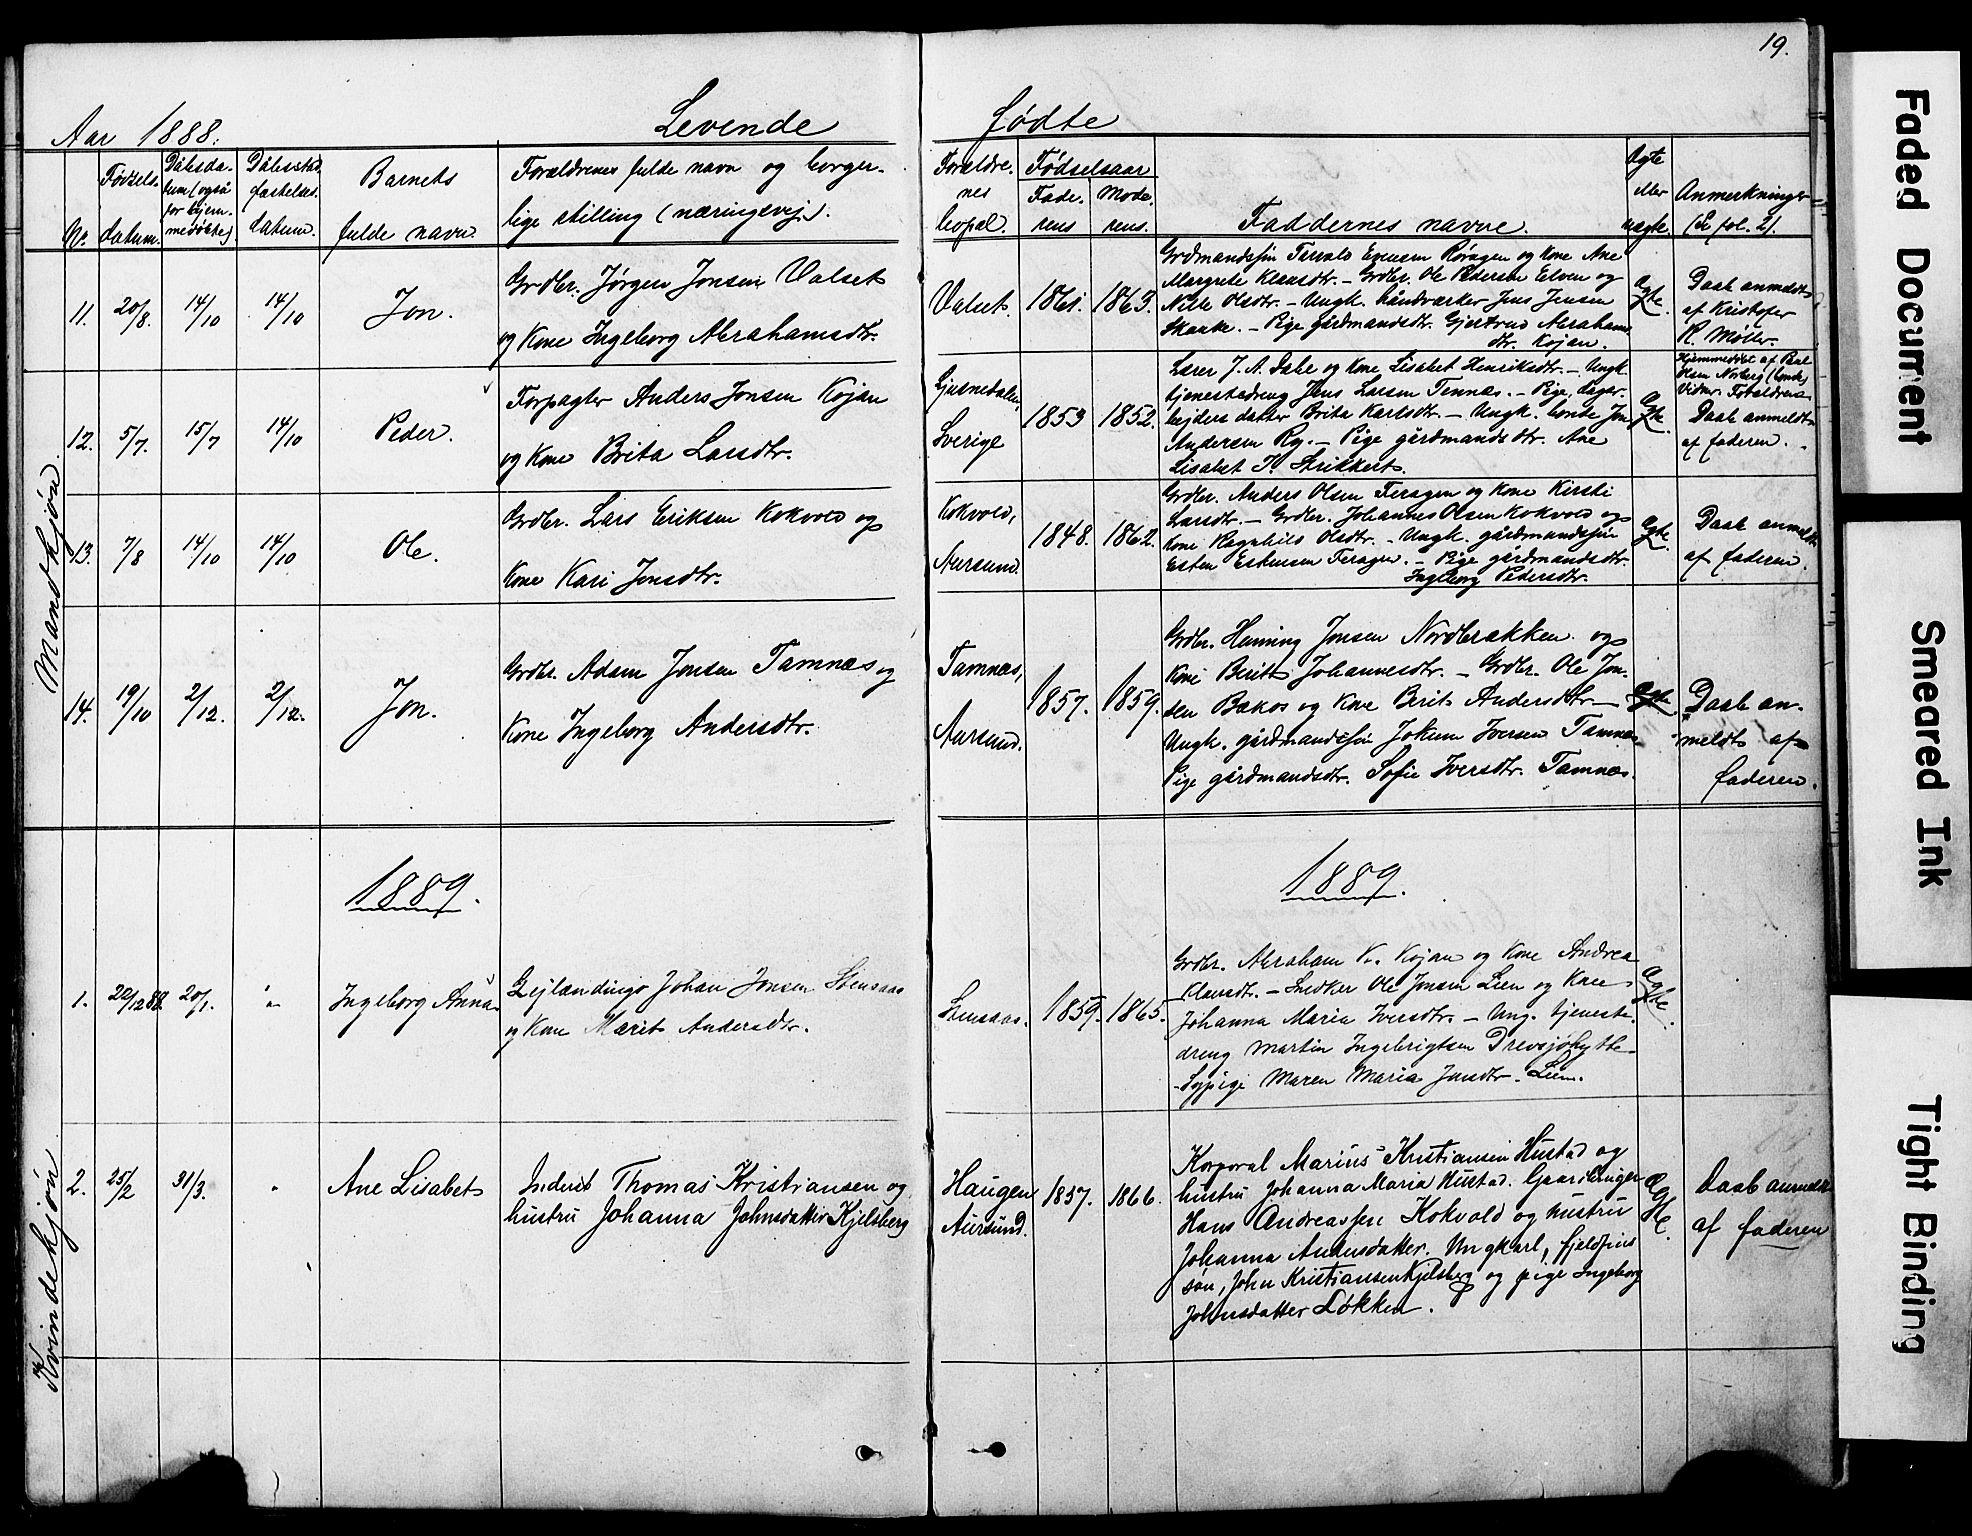 SAT, Ministerialprotokoller, klokkerbøker og fødselsregistre - Sør-Trøndelag, 683/L0949: Klokkerbok nr. 683C01, 1880-1896, s. 19